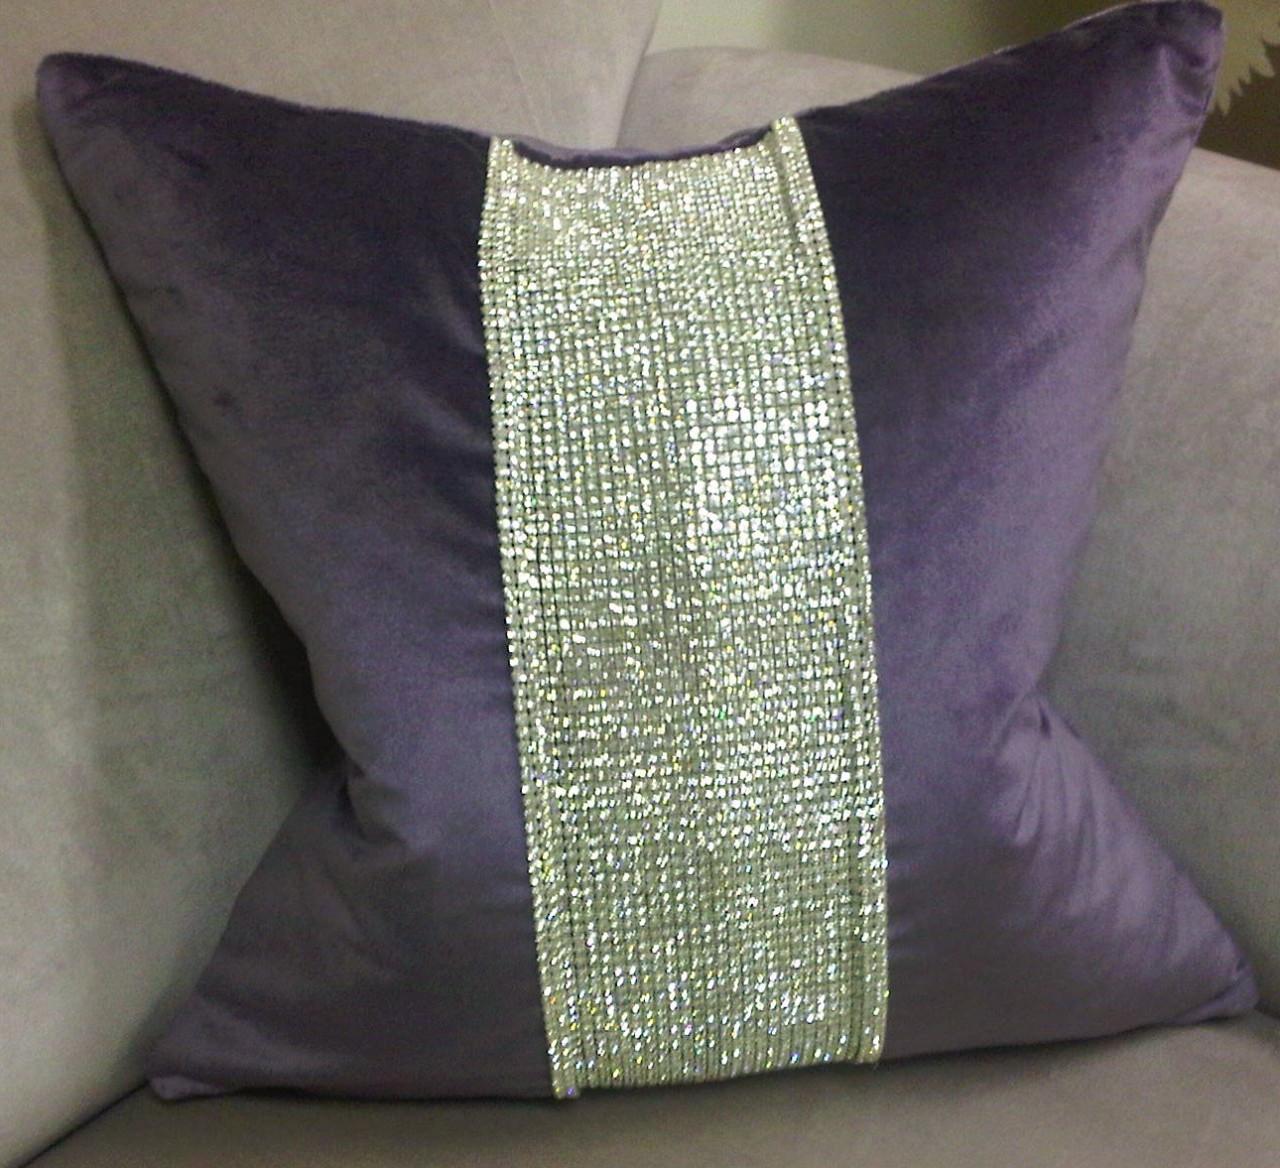 Luxury Throw Pillow, Purple Diamante Bling throw pillow